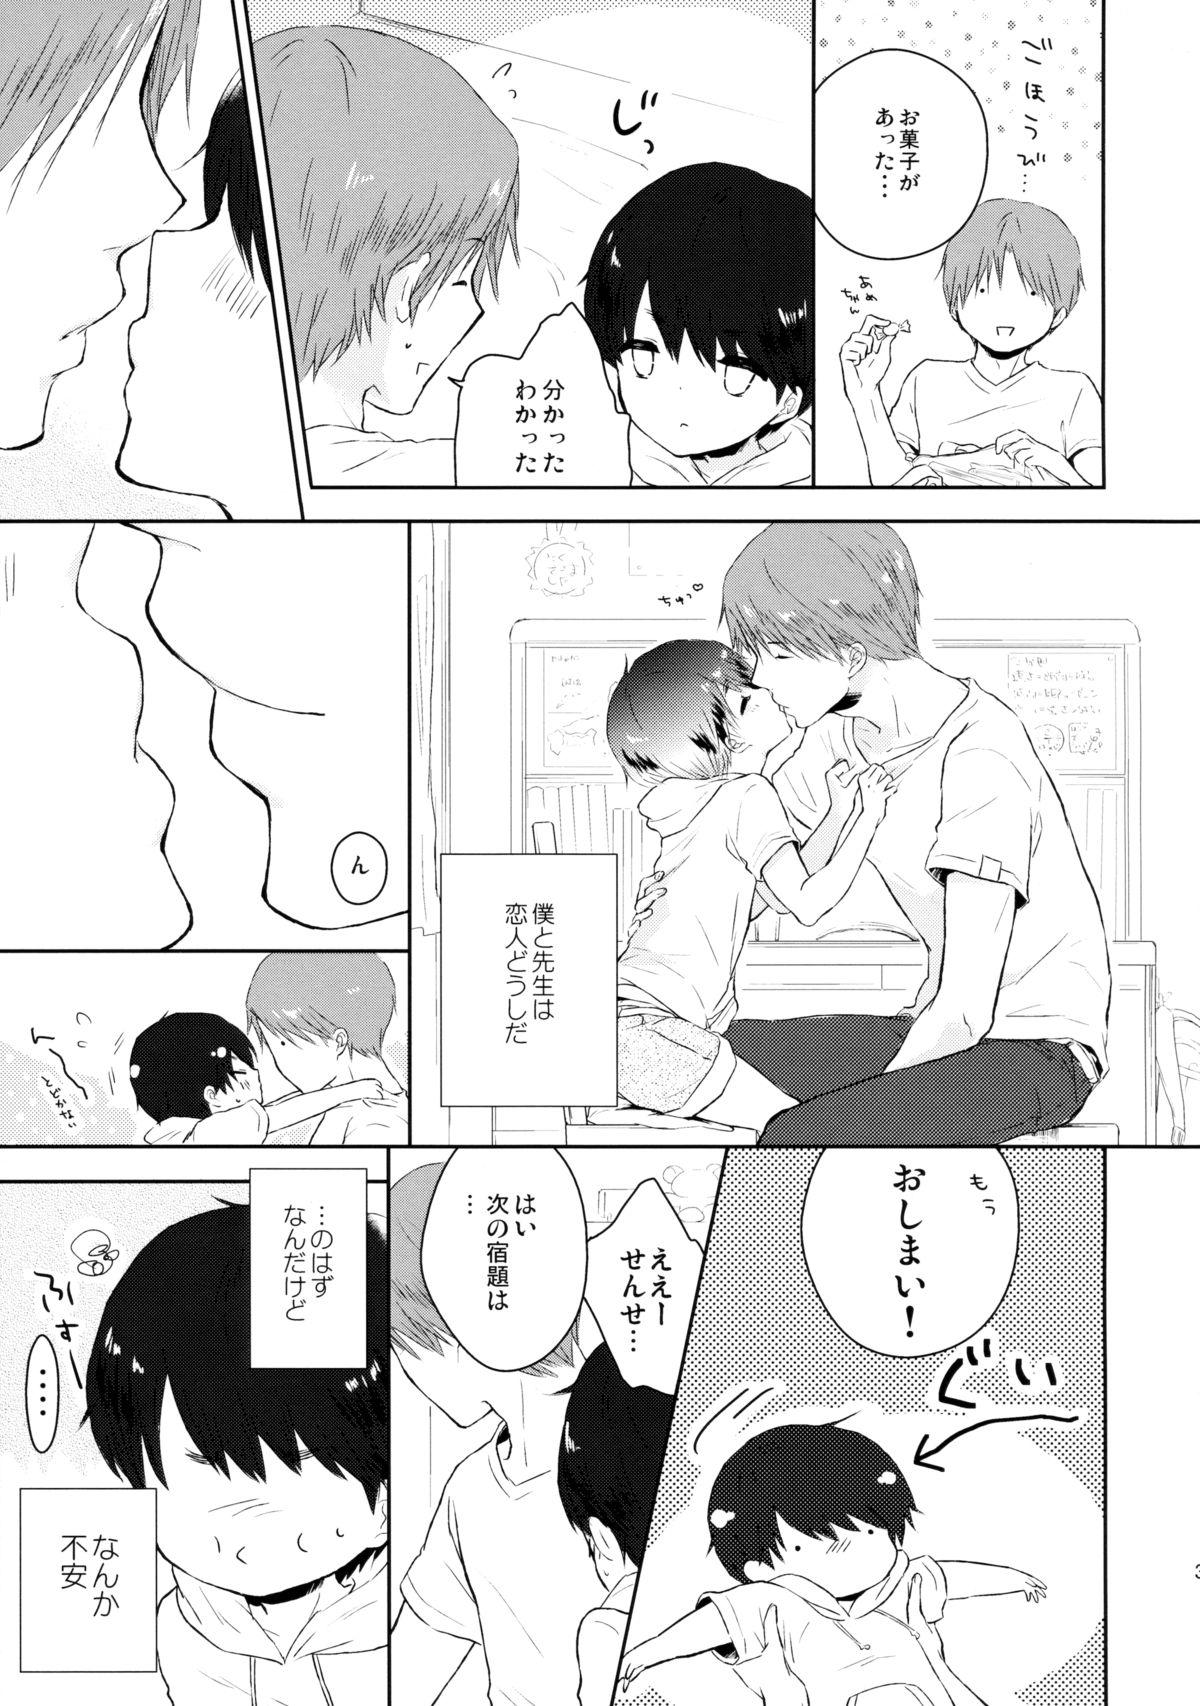 Yasashii Sensei no Kouryaku Houhou 3